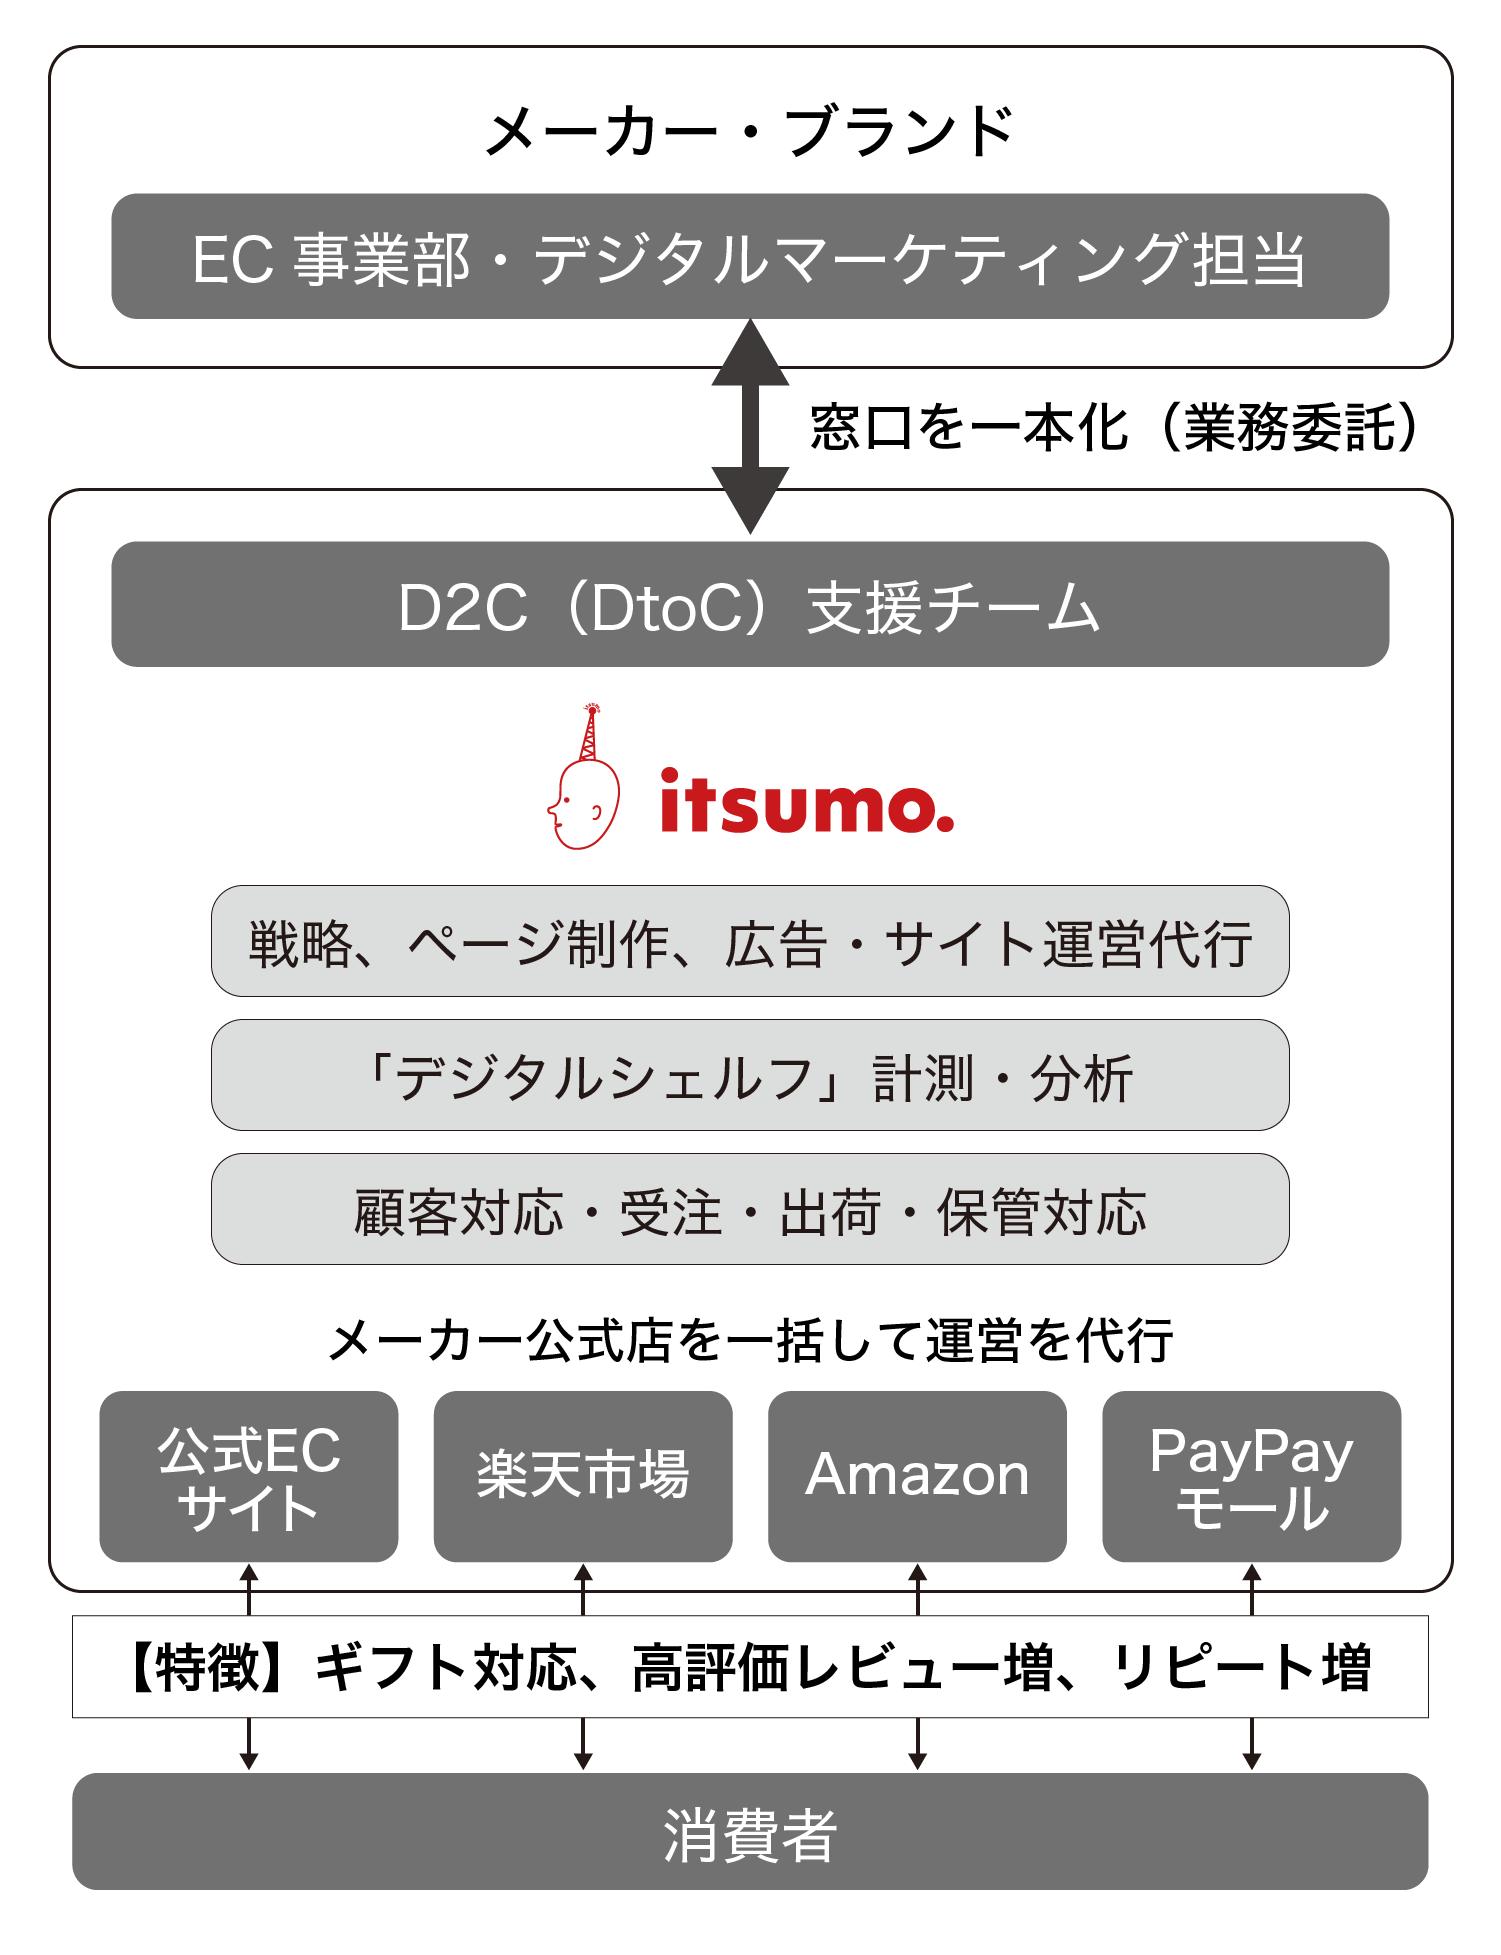 メーカー向け日本流D2C(ネット直販)サービスを開始